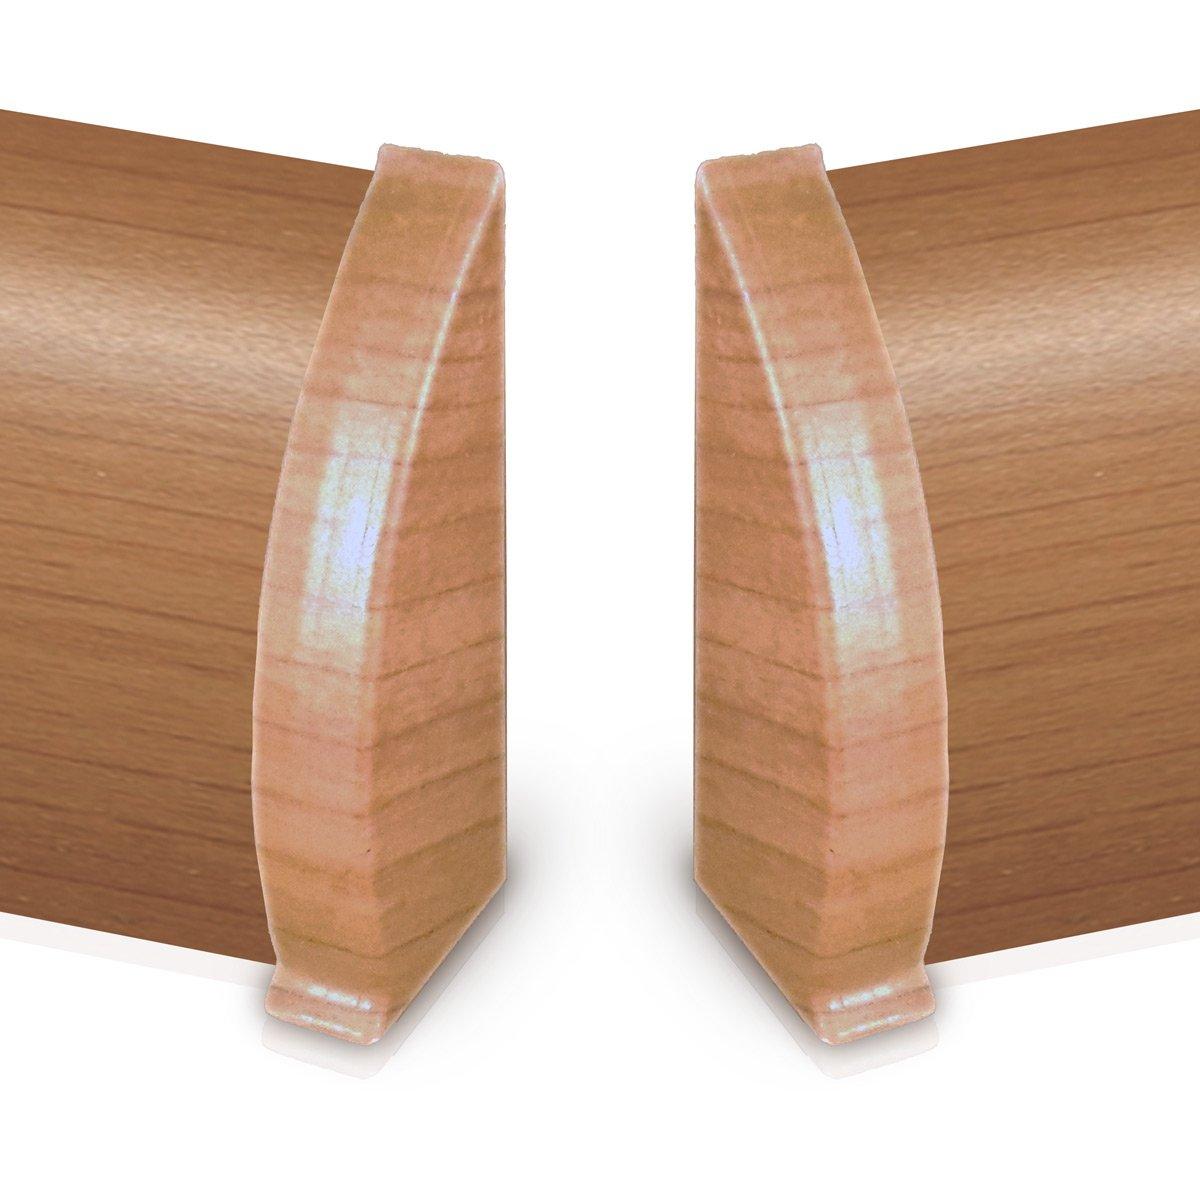 1 Paar Endkappen f/ür Kabelkanal Sockelleiste in Buche Dekor 1 links, 1 rechts